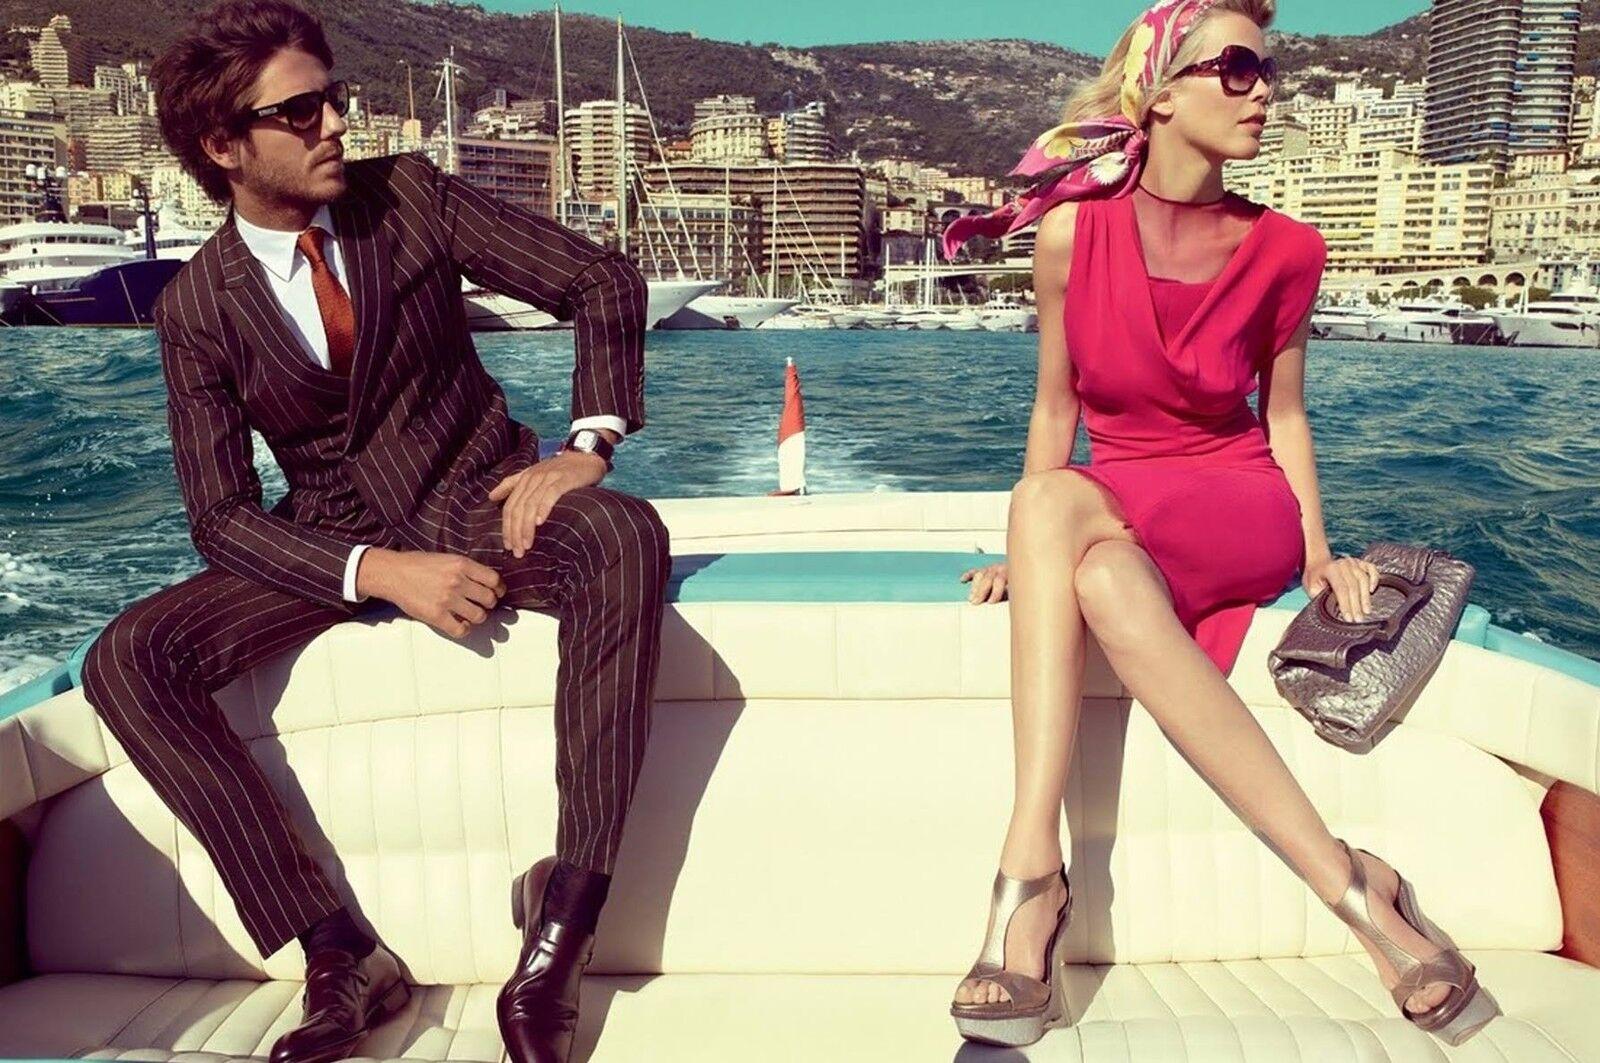 LuxuryForCheap